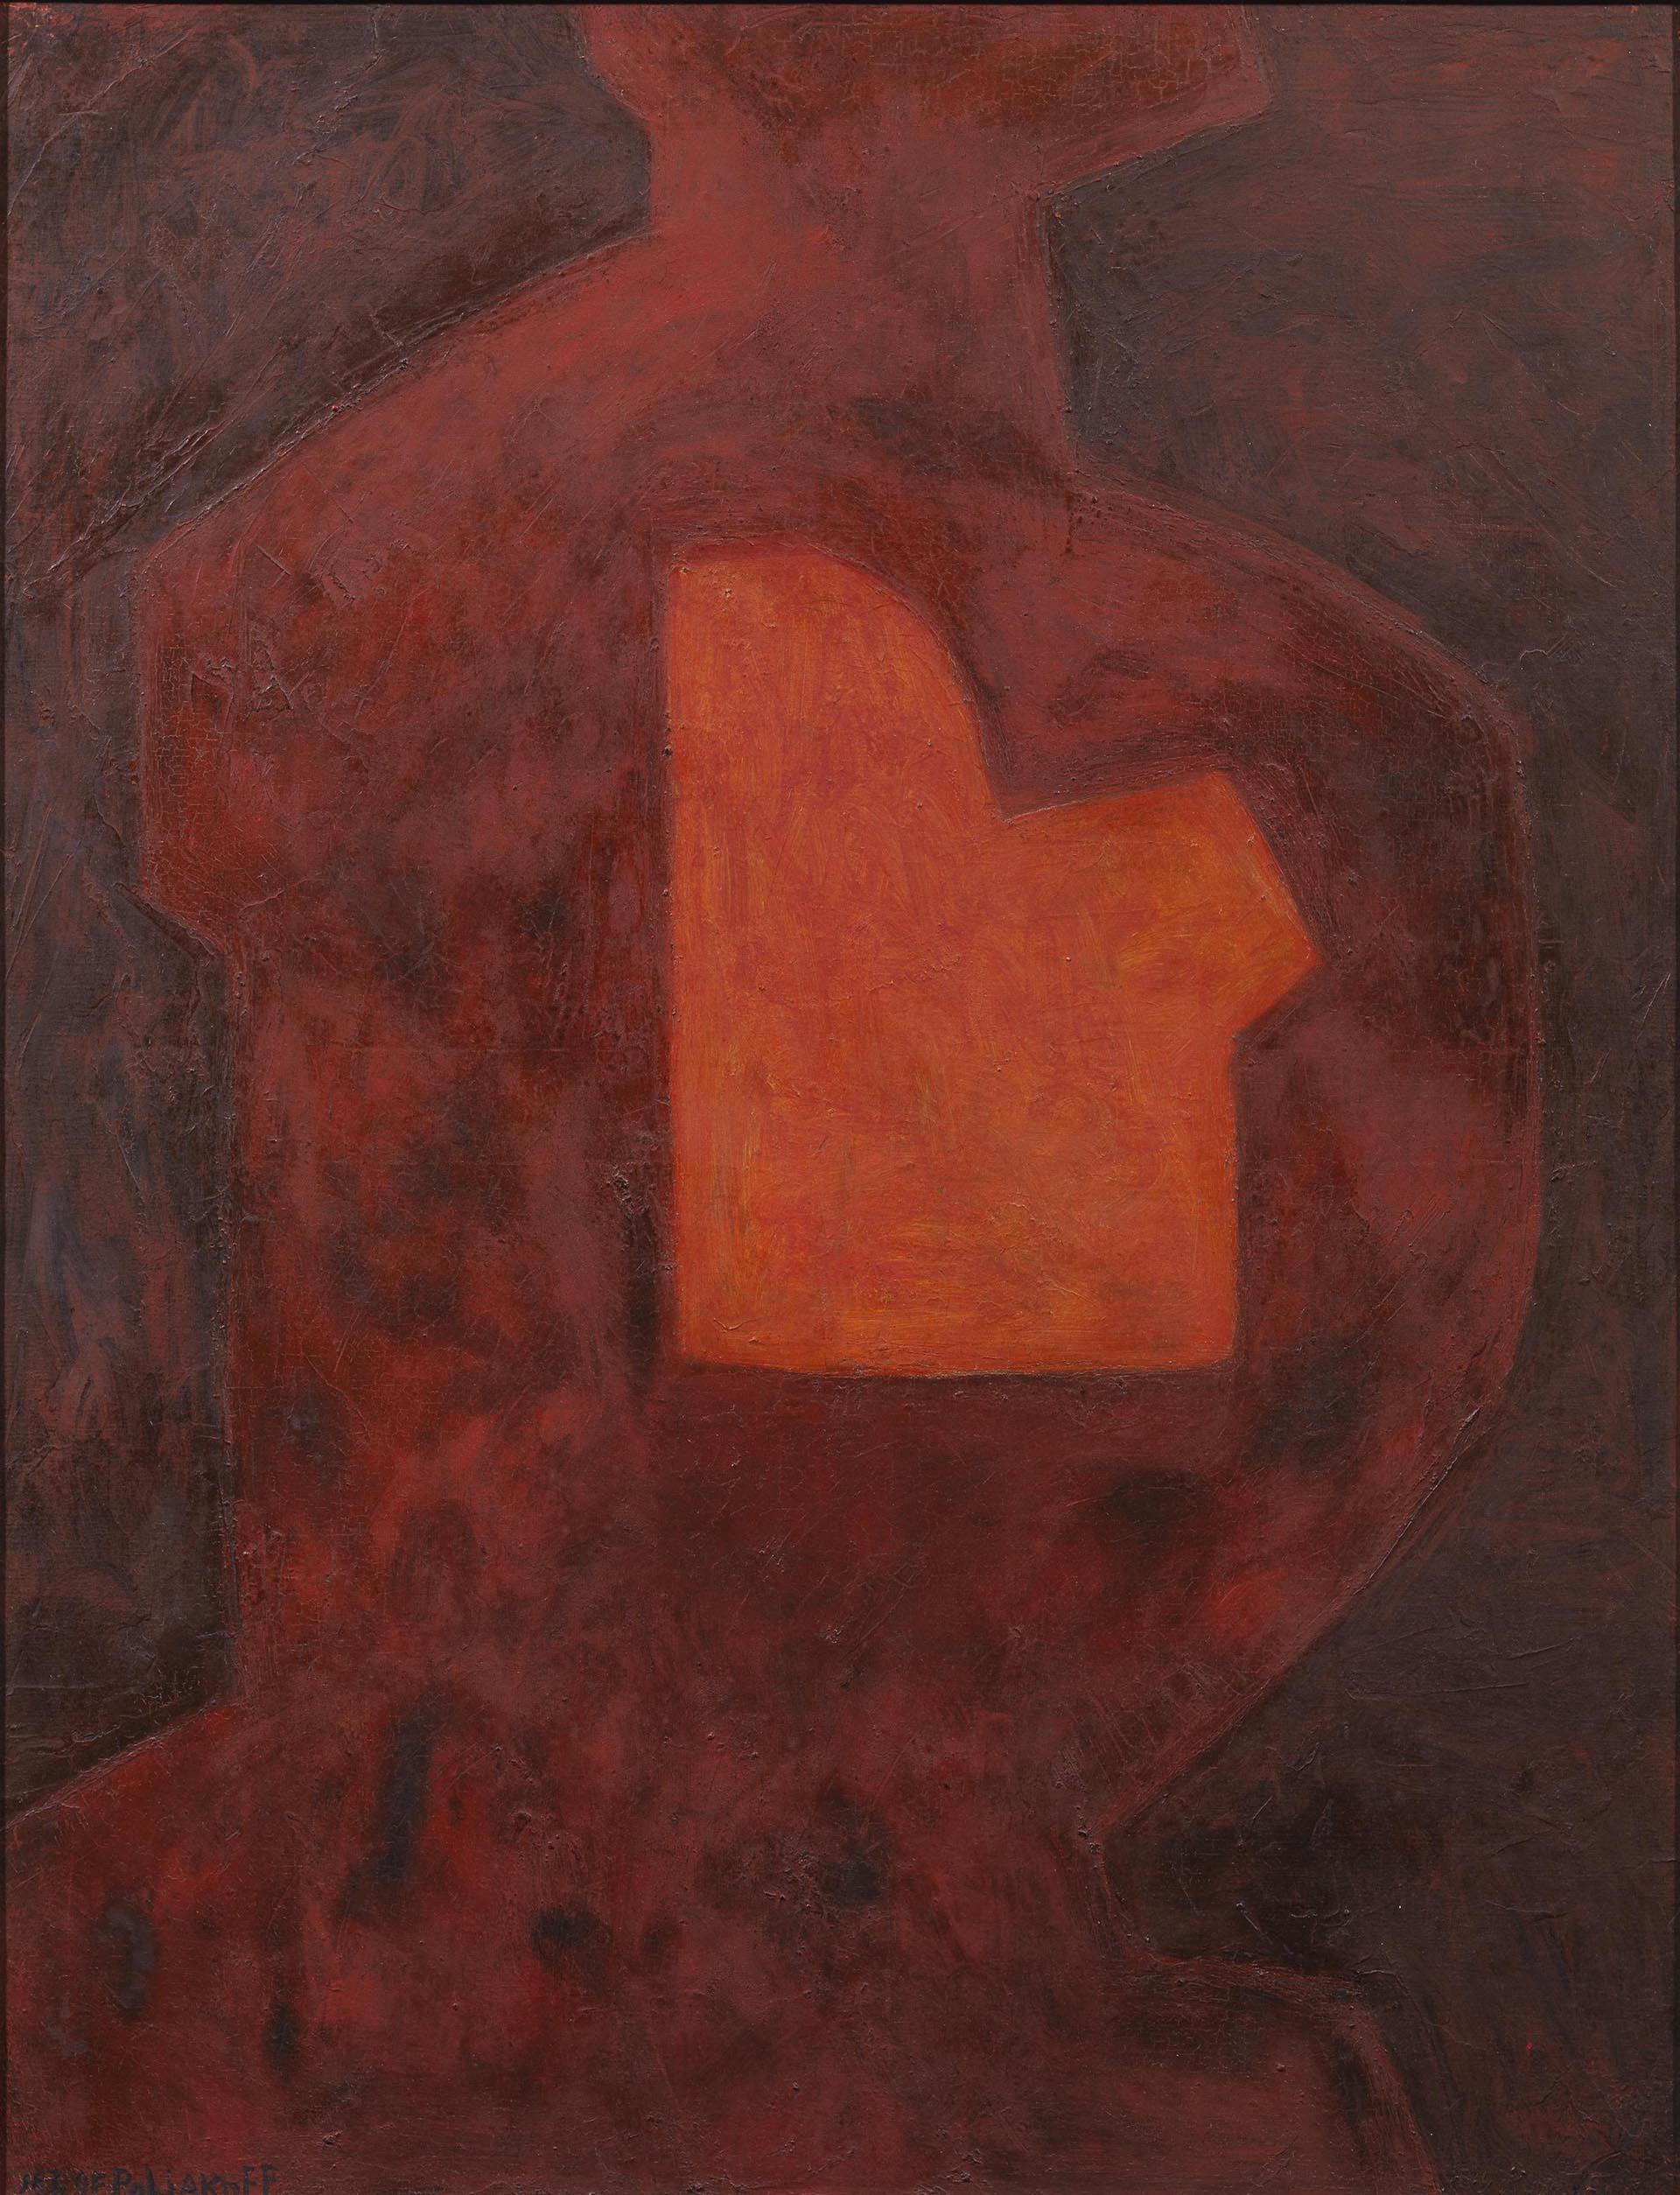 Poliakoff, Composition à la forme, 1968, 116X89.5 cm